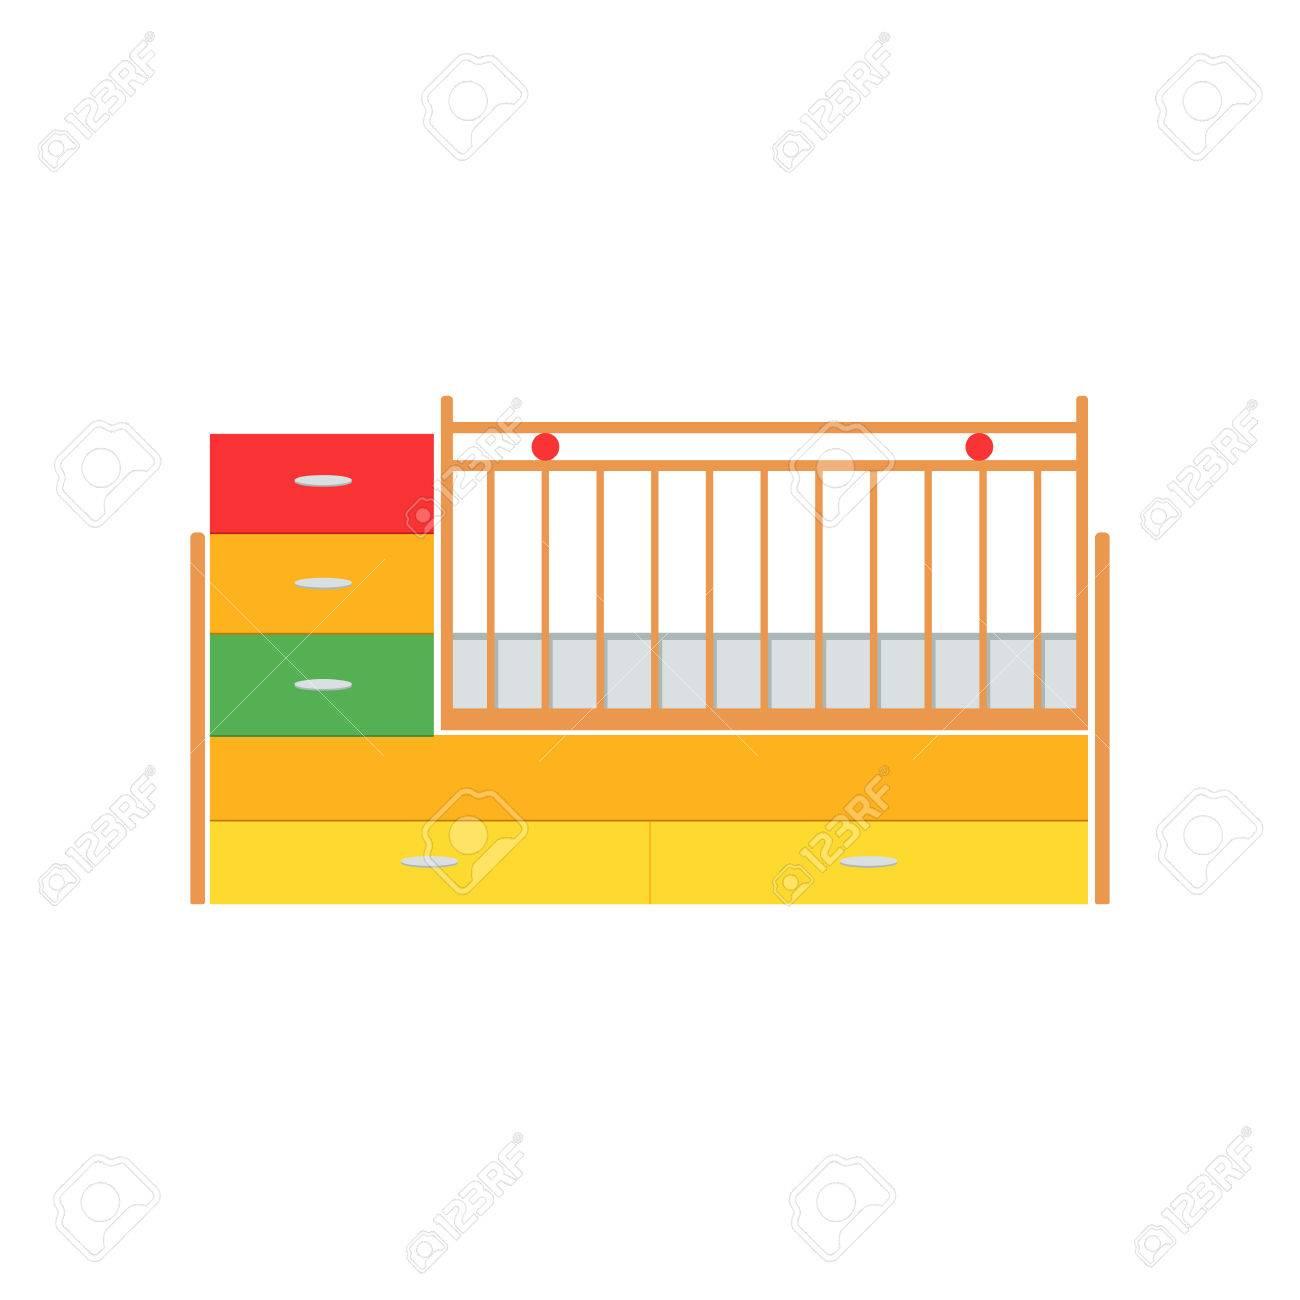 banque dimages lit bb illustration vectorielle petit lit de bb couleurs berceau dtails cot icne isol crche en bois sur fond blanc le style - Petit Lit Bebe